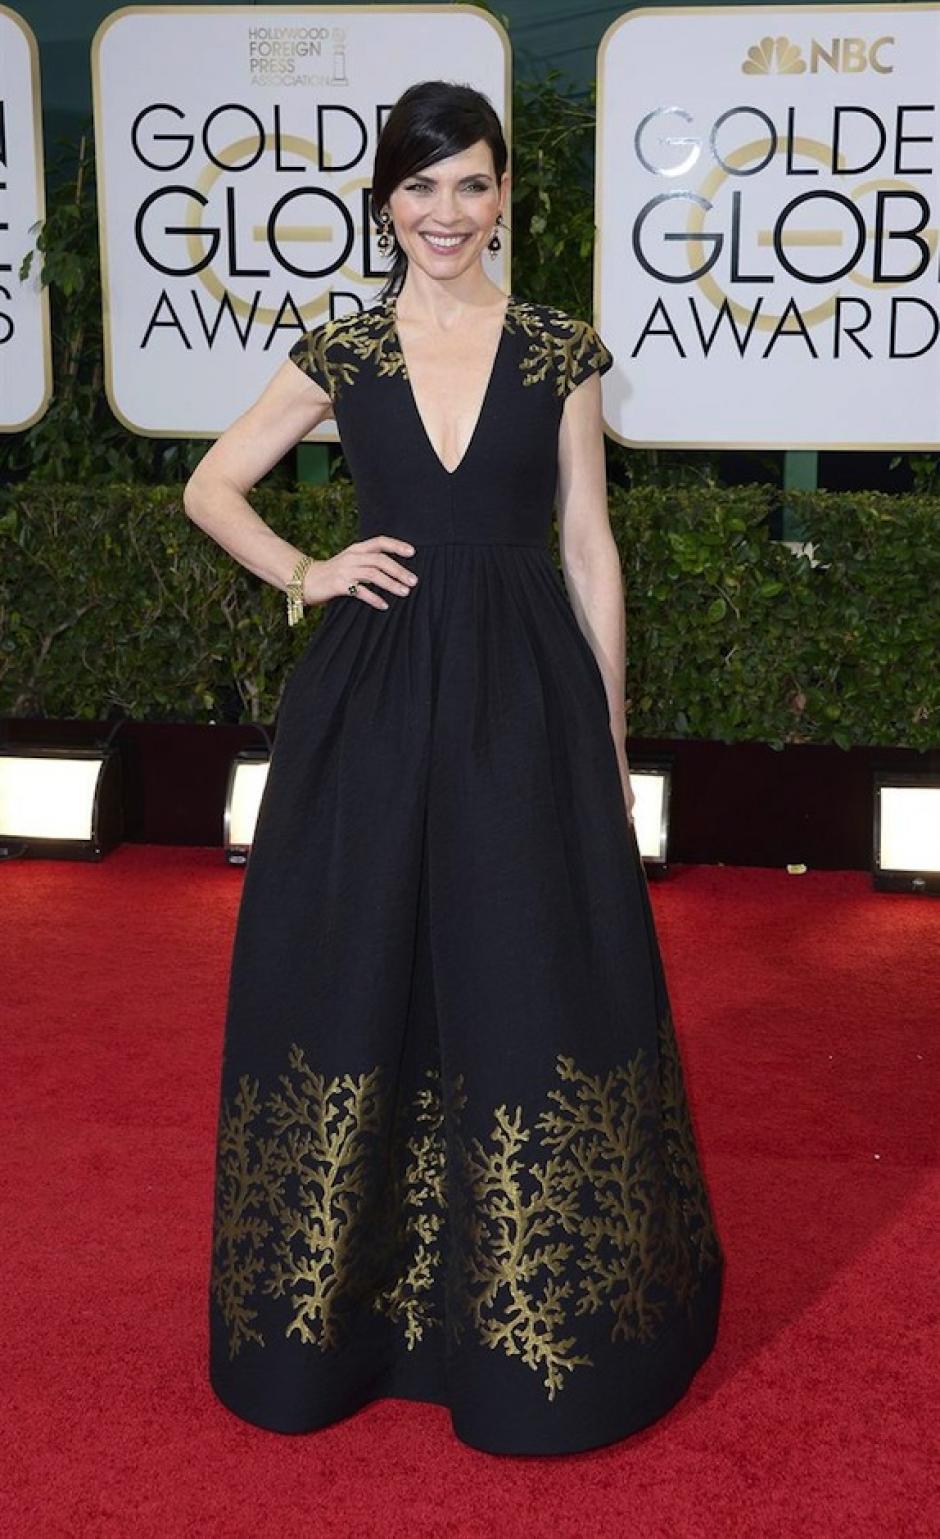 """La protagonista de la serie """"The Good Wife"""" Julianna Marguilies desfiló con un vestido de Andrew Gn, en el que lució su escote. (Foto: EFE)"""